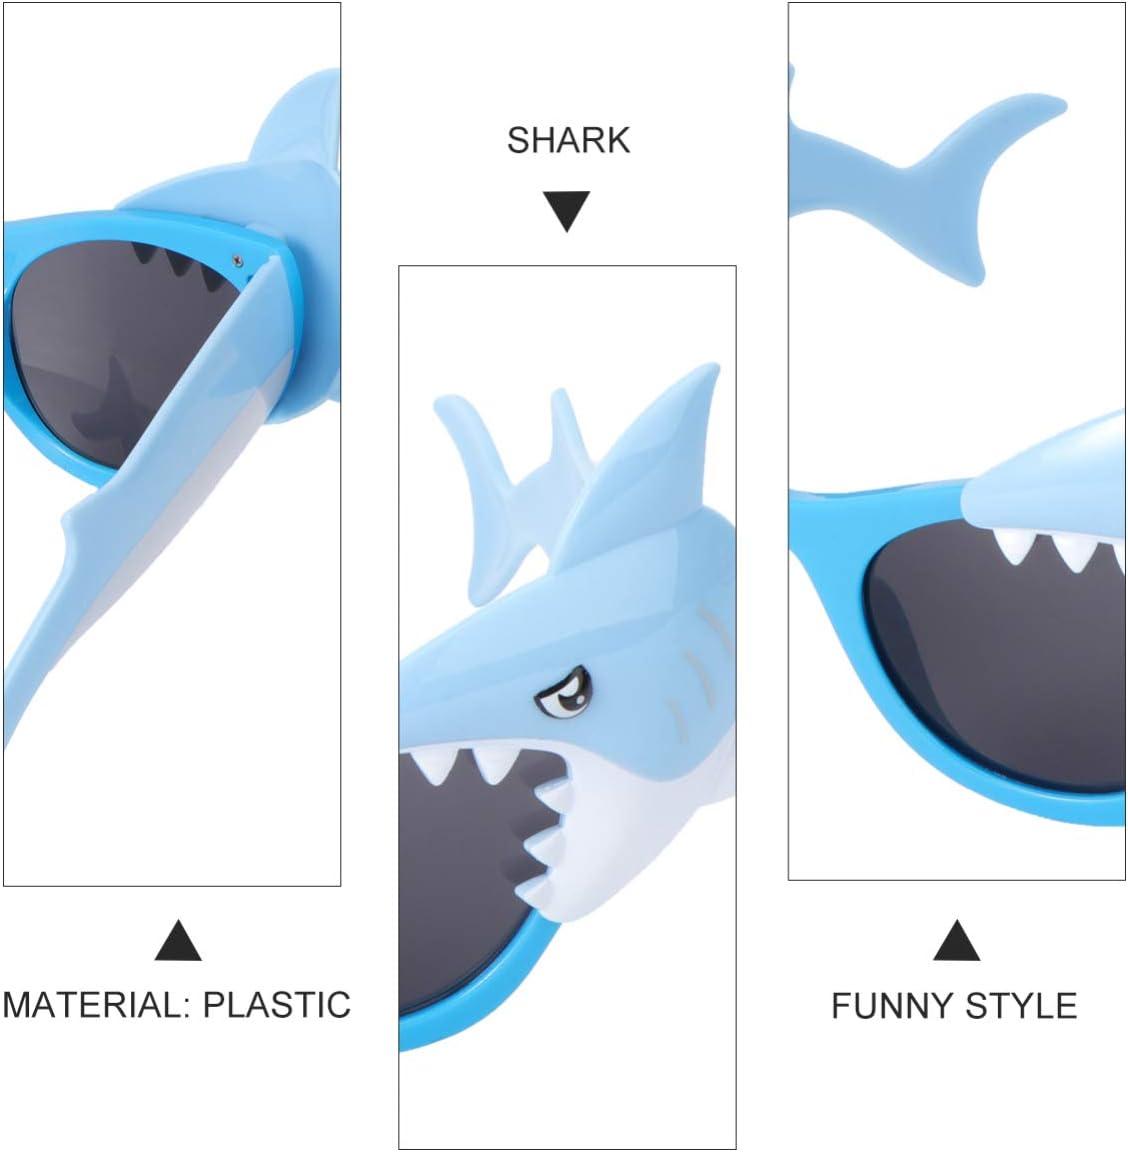 PRETYZOOM 2Pcs Parti Lunettes de Vue D/écoratives en Plastique Requin Animal Enfants Lunettes de Soleil Accessoires Photo Accessoires de Lunettes pour Cotillons D/ét/é Plage Vacances Enfant